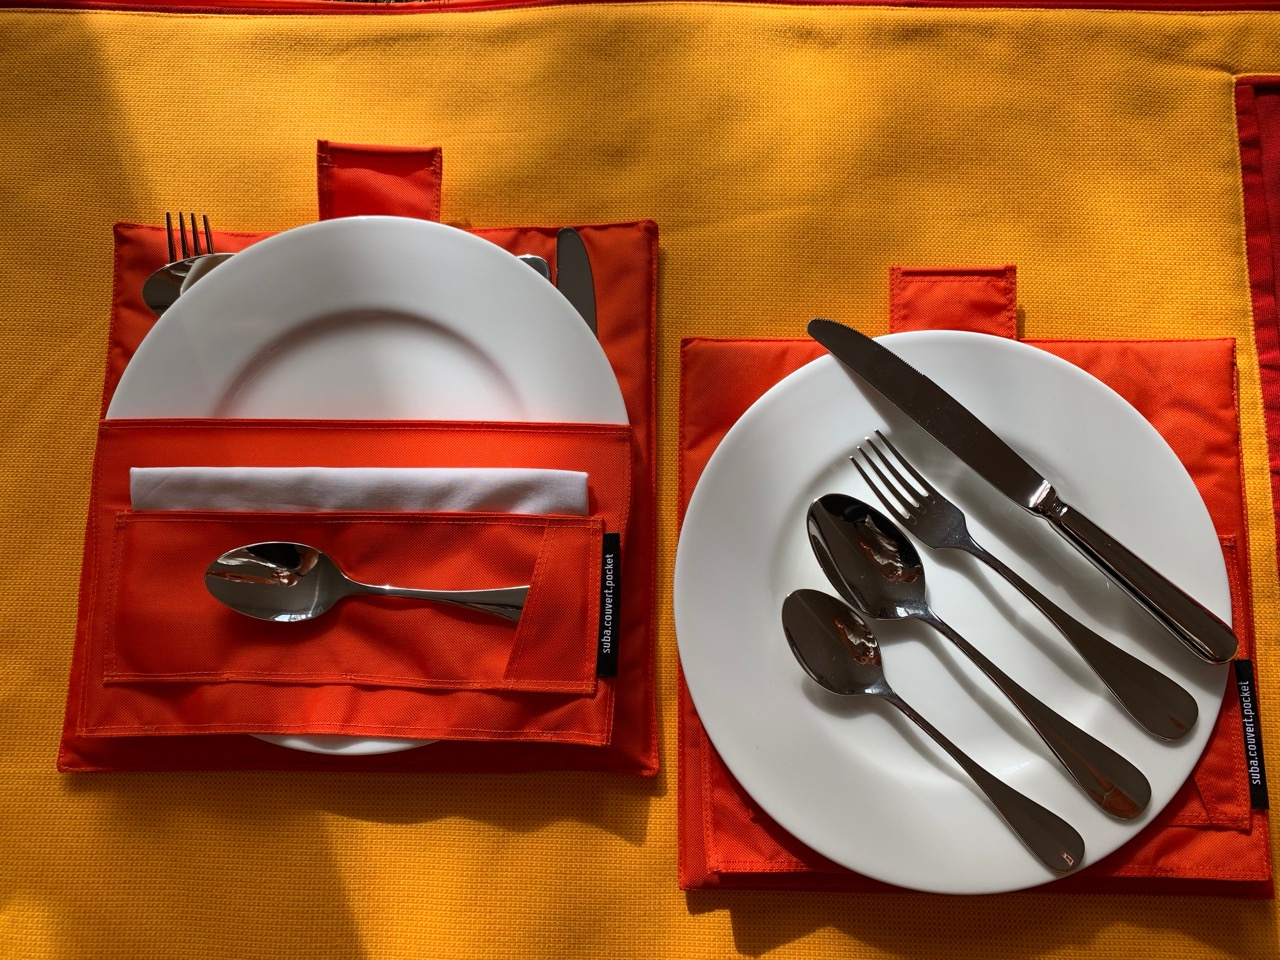 Suba Picnic-Makers Gedecktasche für 2 Personen zur SUBA Picknicktasche